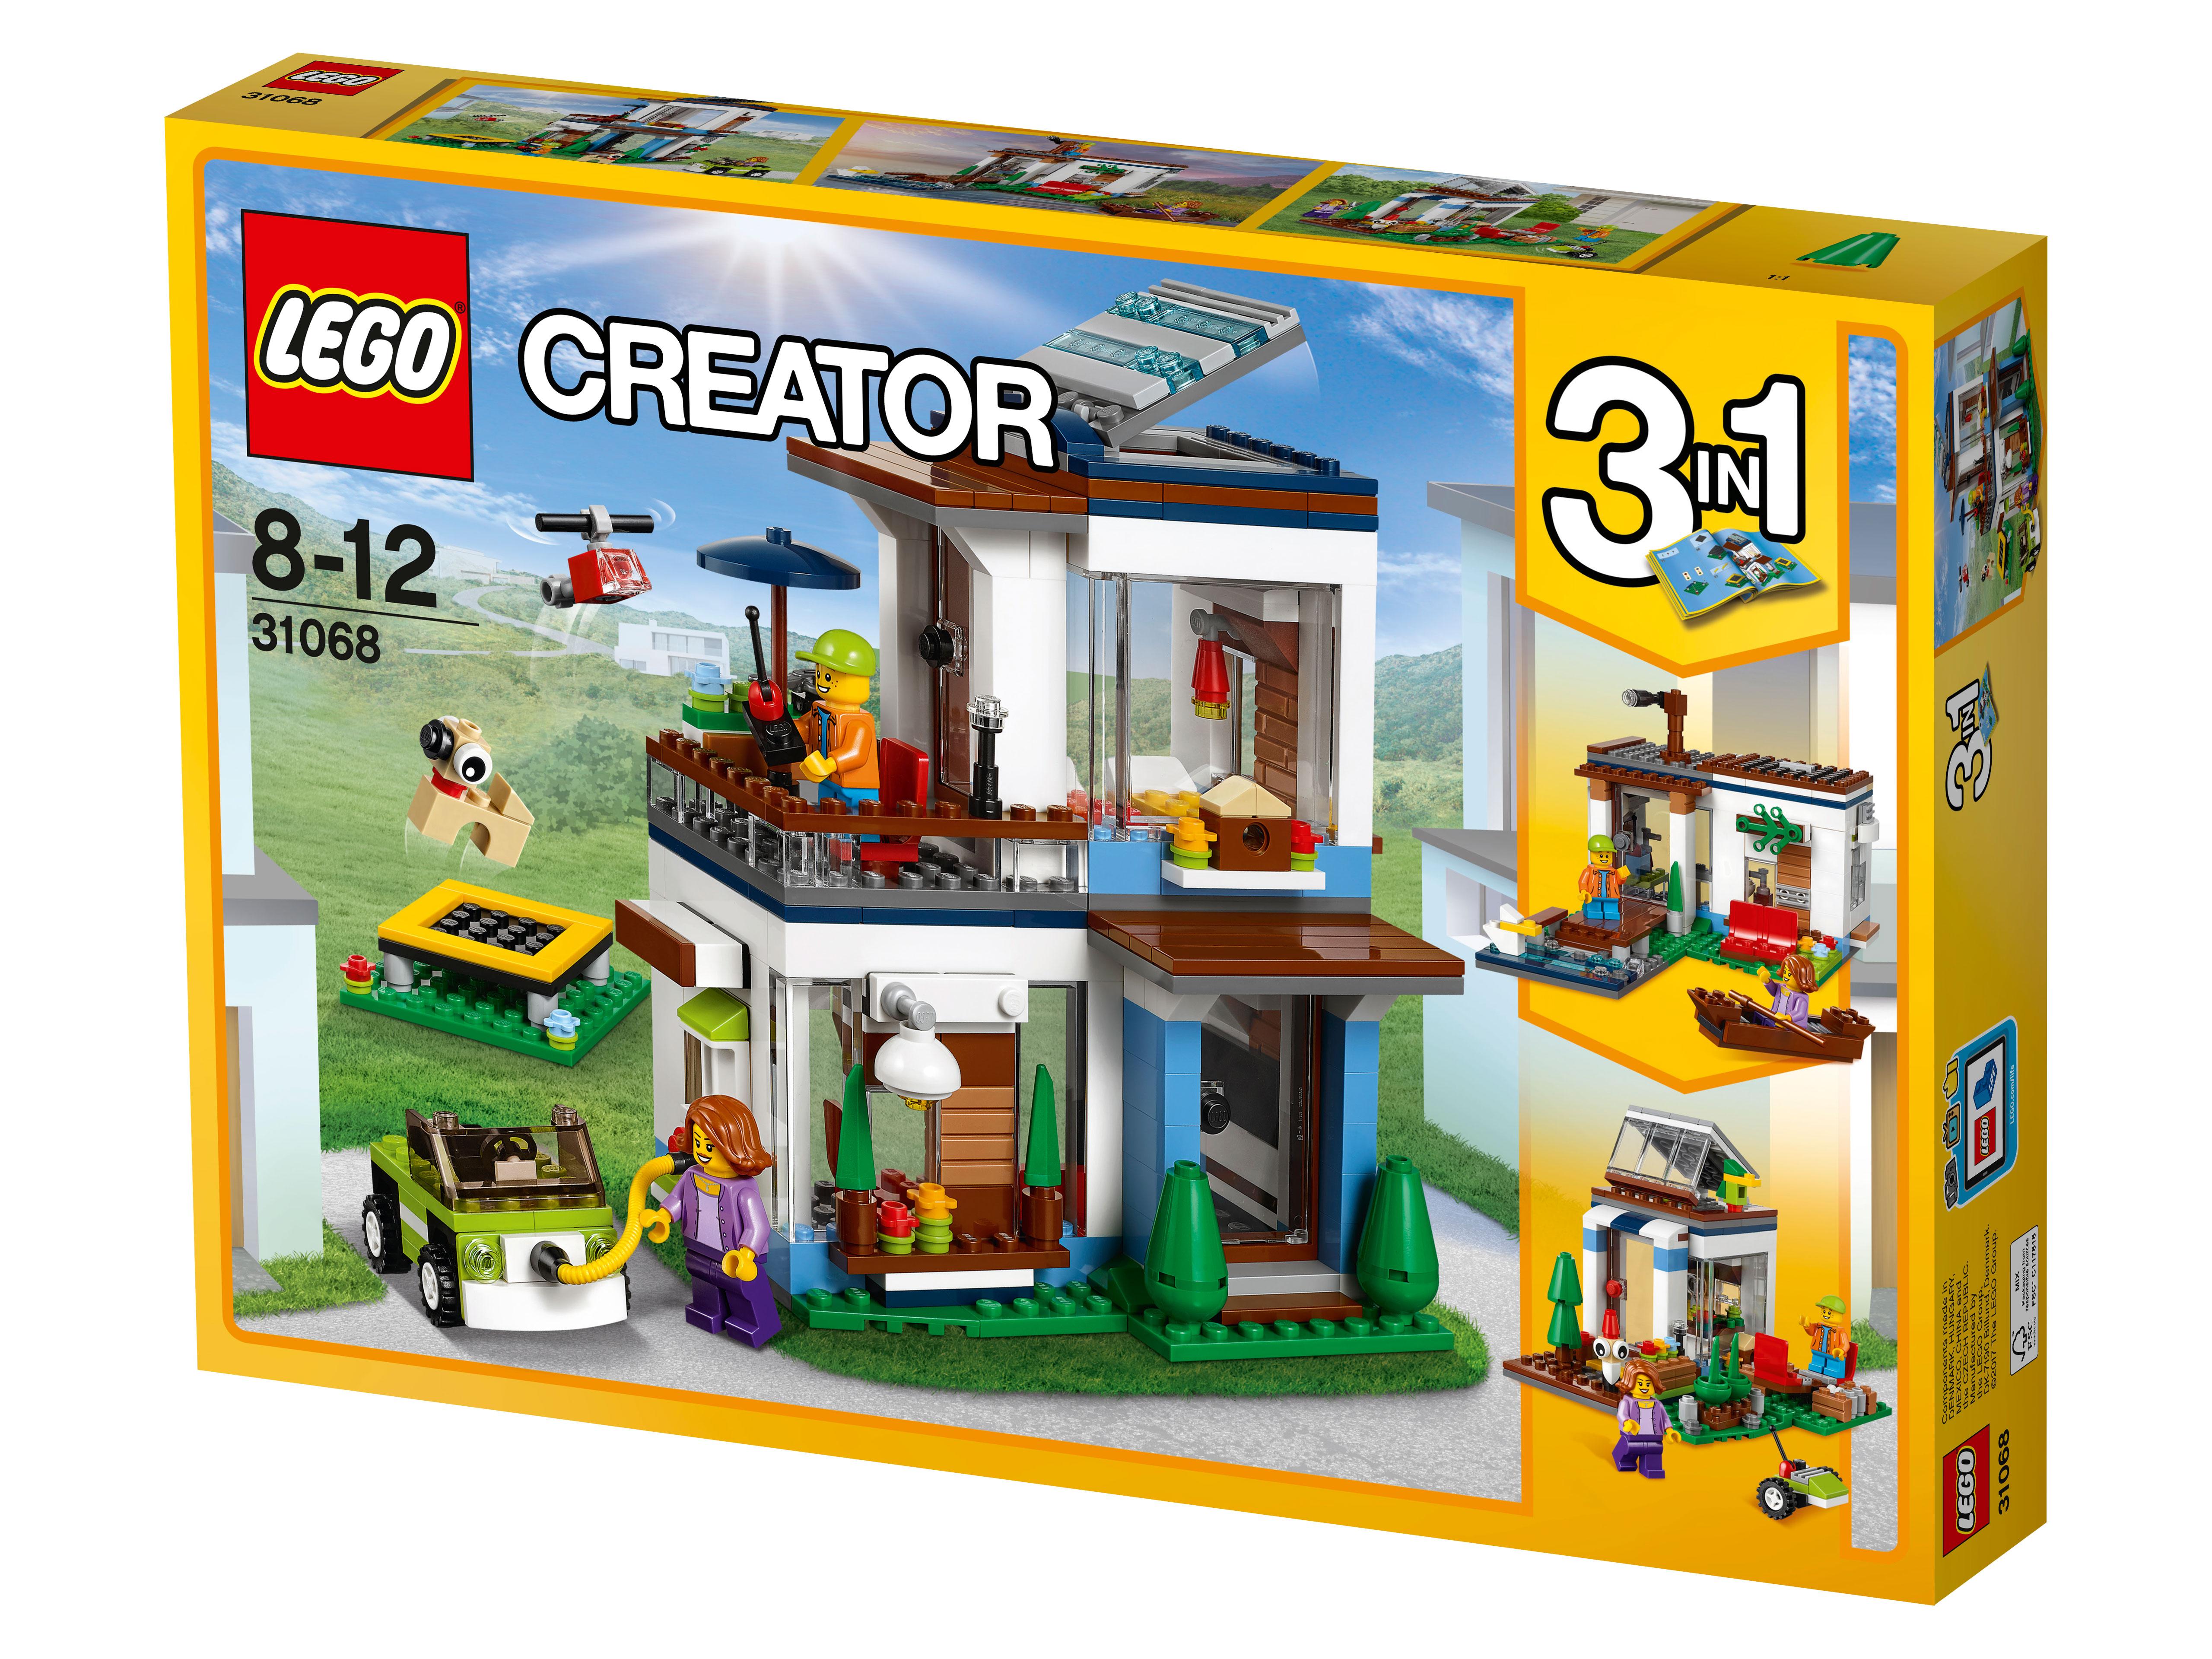 31068 Lego Creator Современный домСложно ли построить дом? Попробуйте свои силы вместе с новым конструктором Лего Современный дом. Уютный крытый балкон, панорамные окна, небольшие комнаты с мягкой мебелью для отдыха — продумана каждая мелочь. Скучно не будет — можно поиграть с собакой, а можно совершить прогулку в город на компактном электромобиле, чтобы заодно сделать покупки и встретиться с друзьями. А можно попрыгать с трамплина, чтобы не тратить время на утомительную спортивную тренировку. Моделируя кубики, можно подобрать оптимальную для себя конструкцию дома с разным расположением окон и заодно — проверить свои способности к творческой деятельности. В наборе 380 деталей, но для опытного любителя Лего никаких сложностей не возникнет, тем более что можно уточнить правила сборки по вложенной в коробку детальной инструкции.<br>